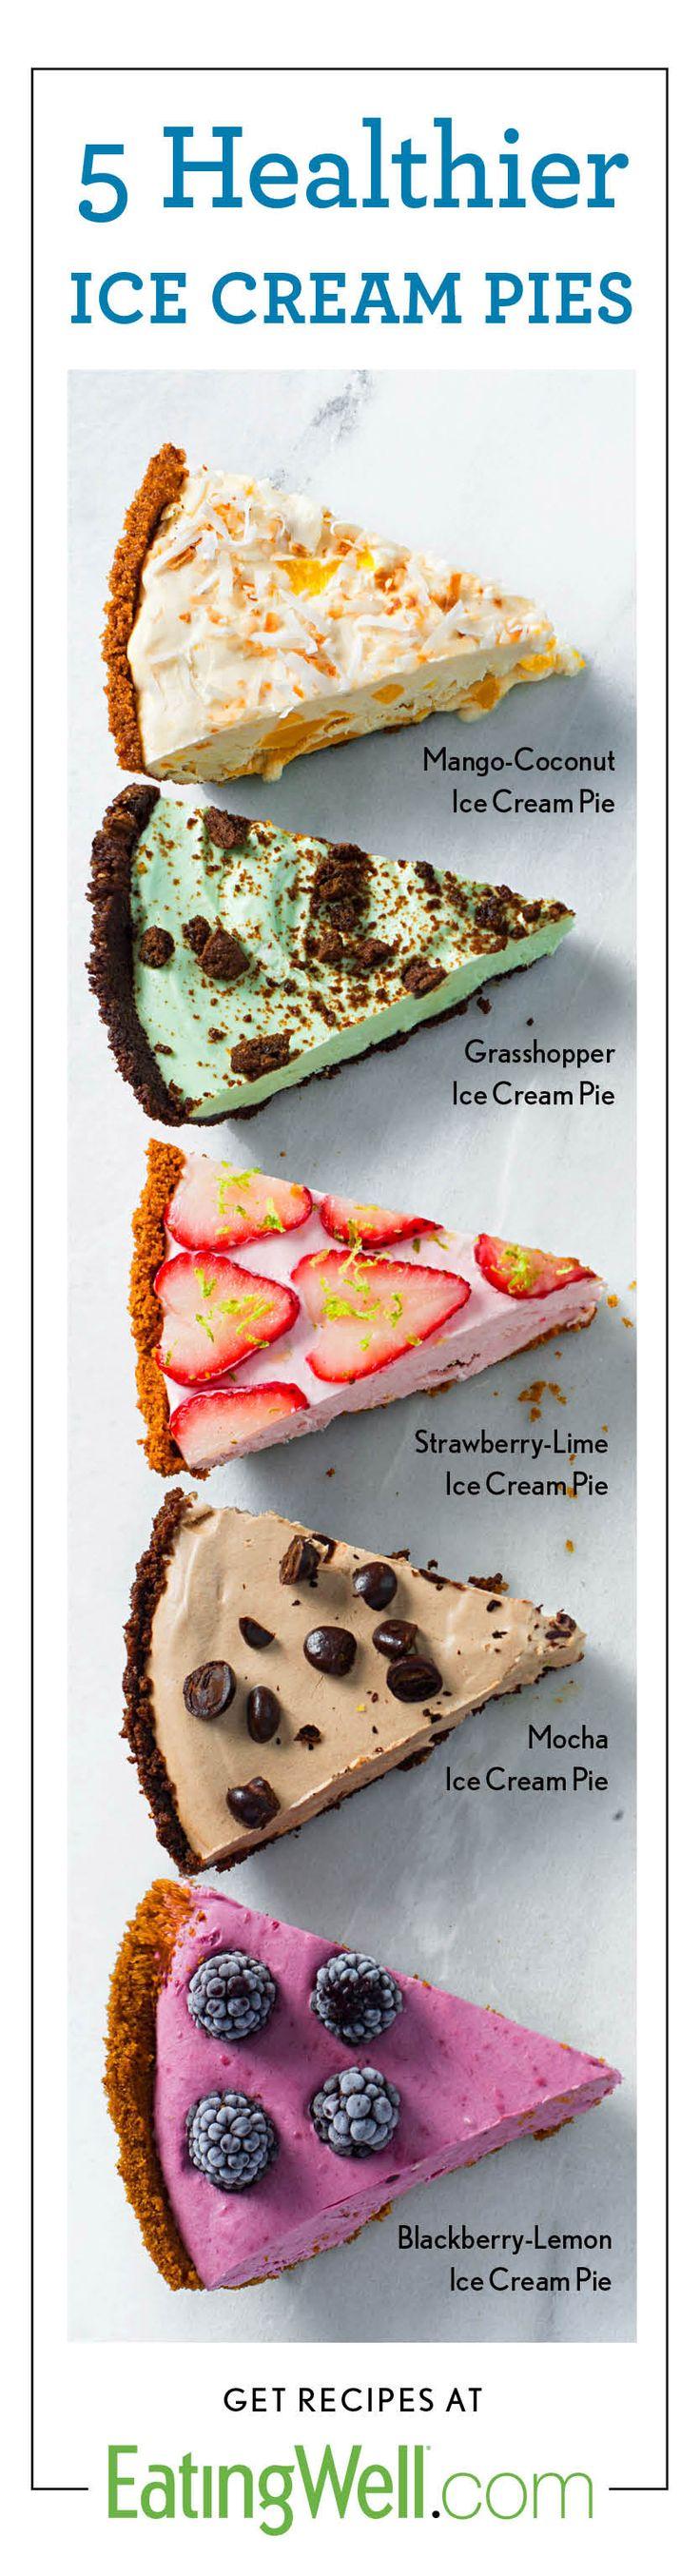 Homemade Ice Cream Pies using greek yogurt and fruit